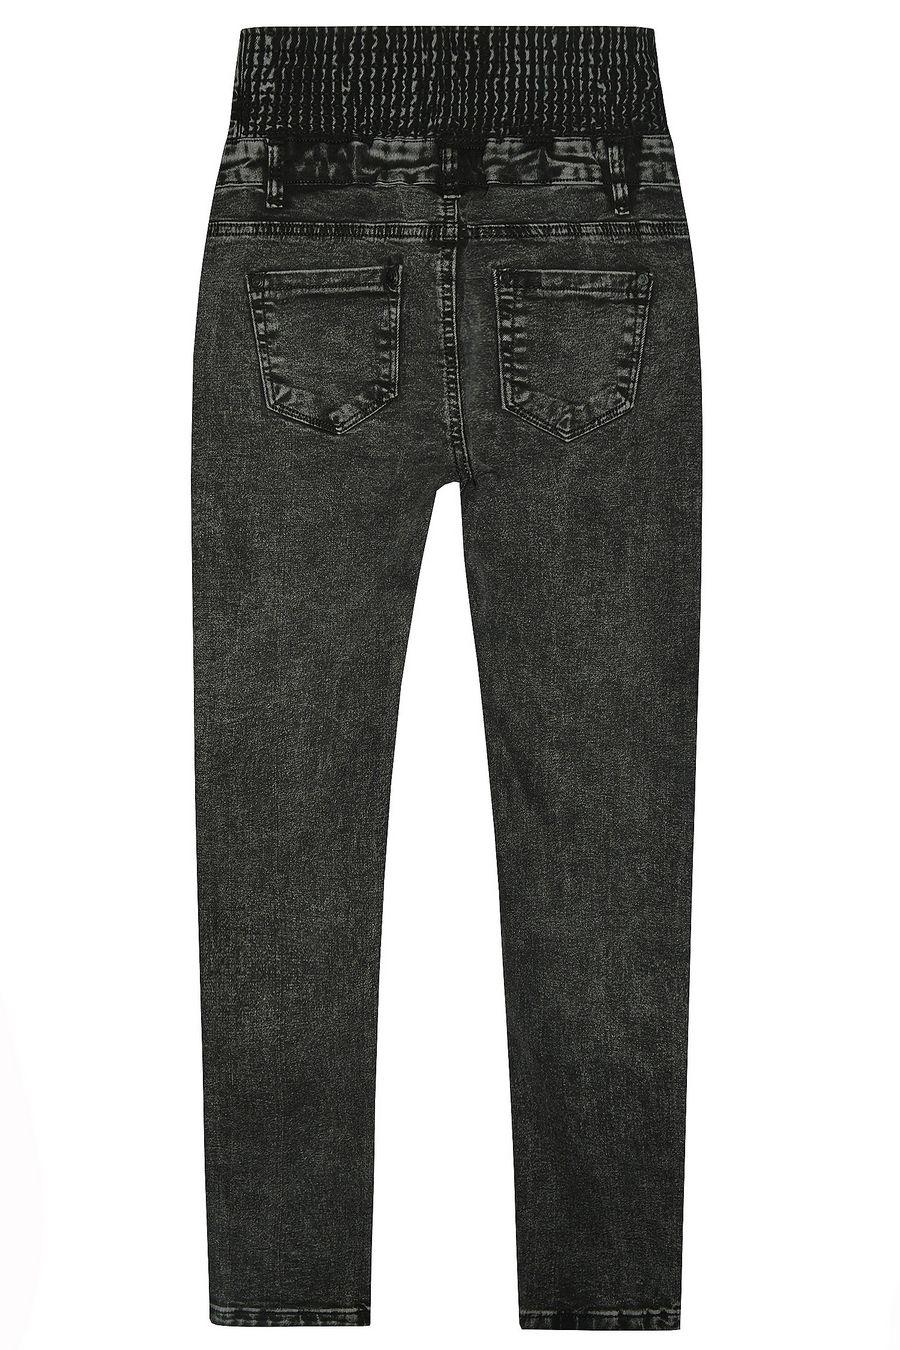 Джинсы женские K.Y Jeans L487 - фото 2